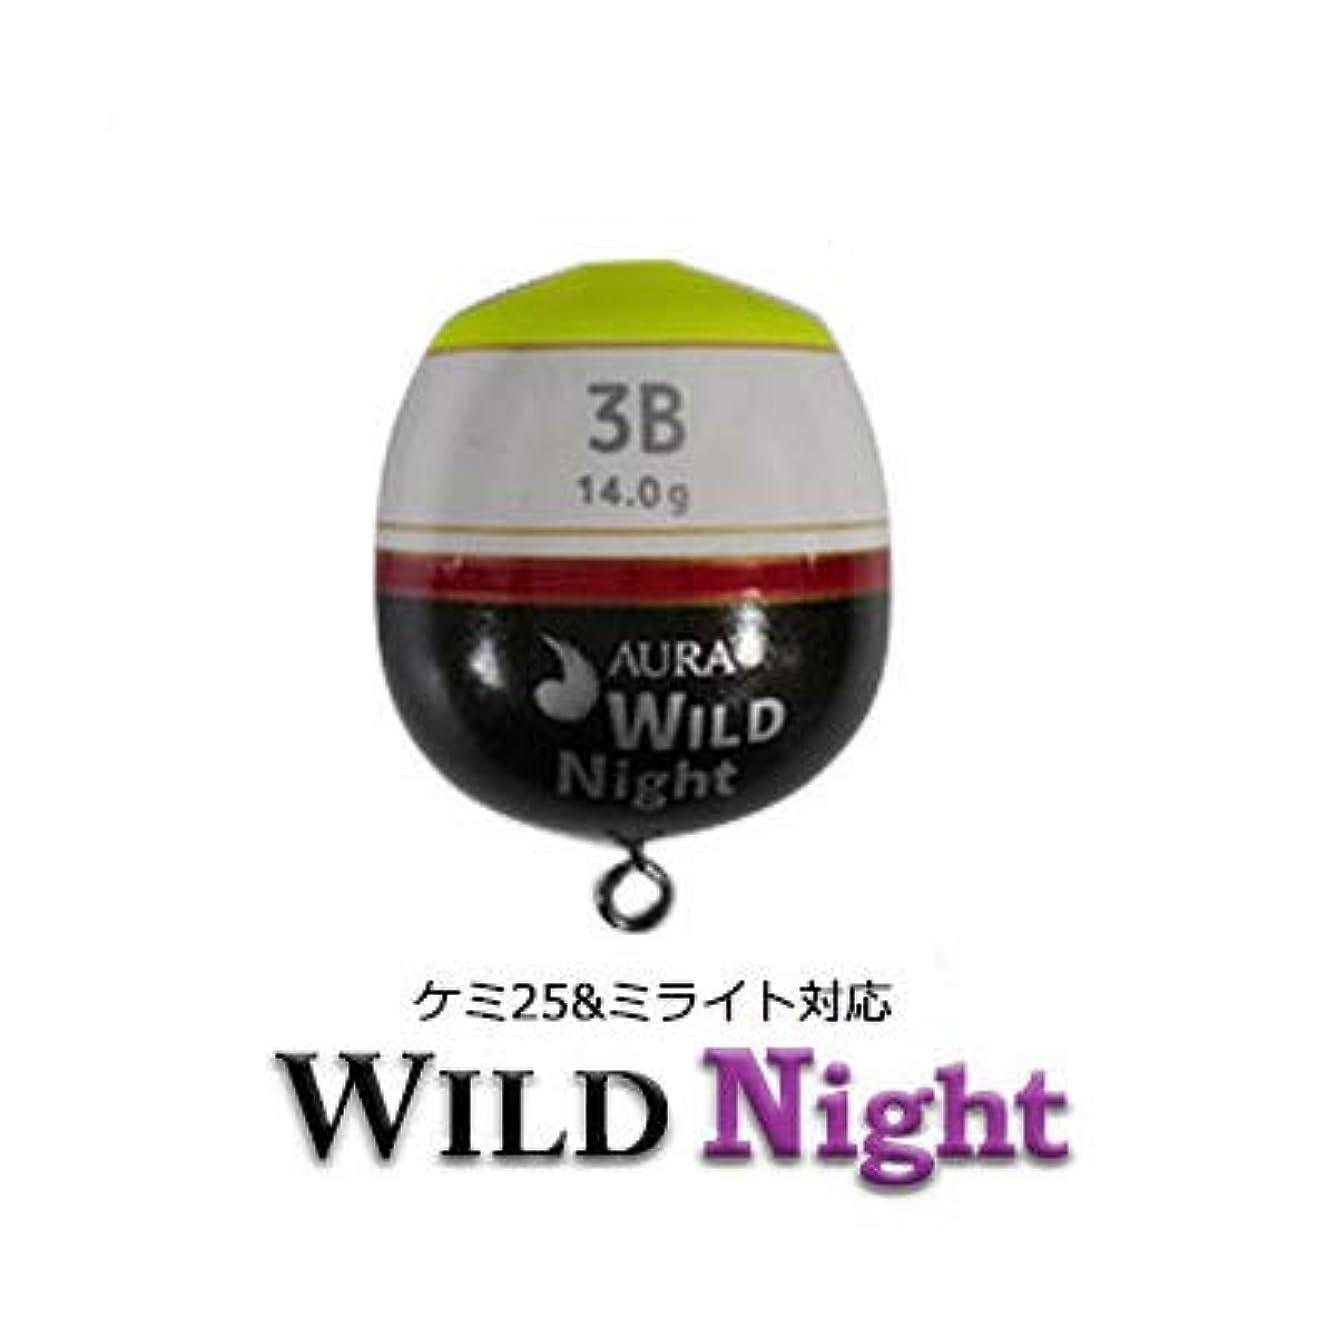 ポットグリル学者アウラ ワイルドナイト(WILD Night)イエロー カン付ウキ